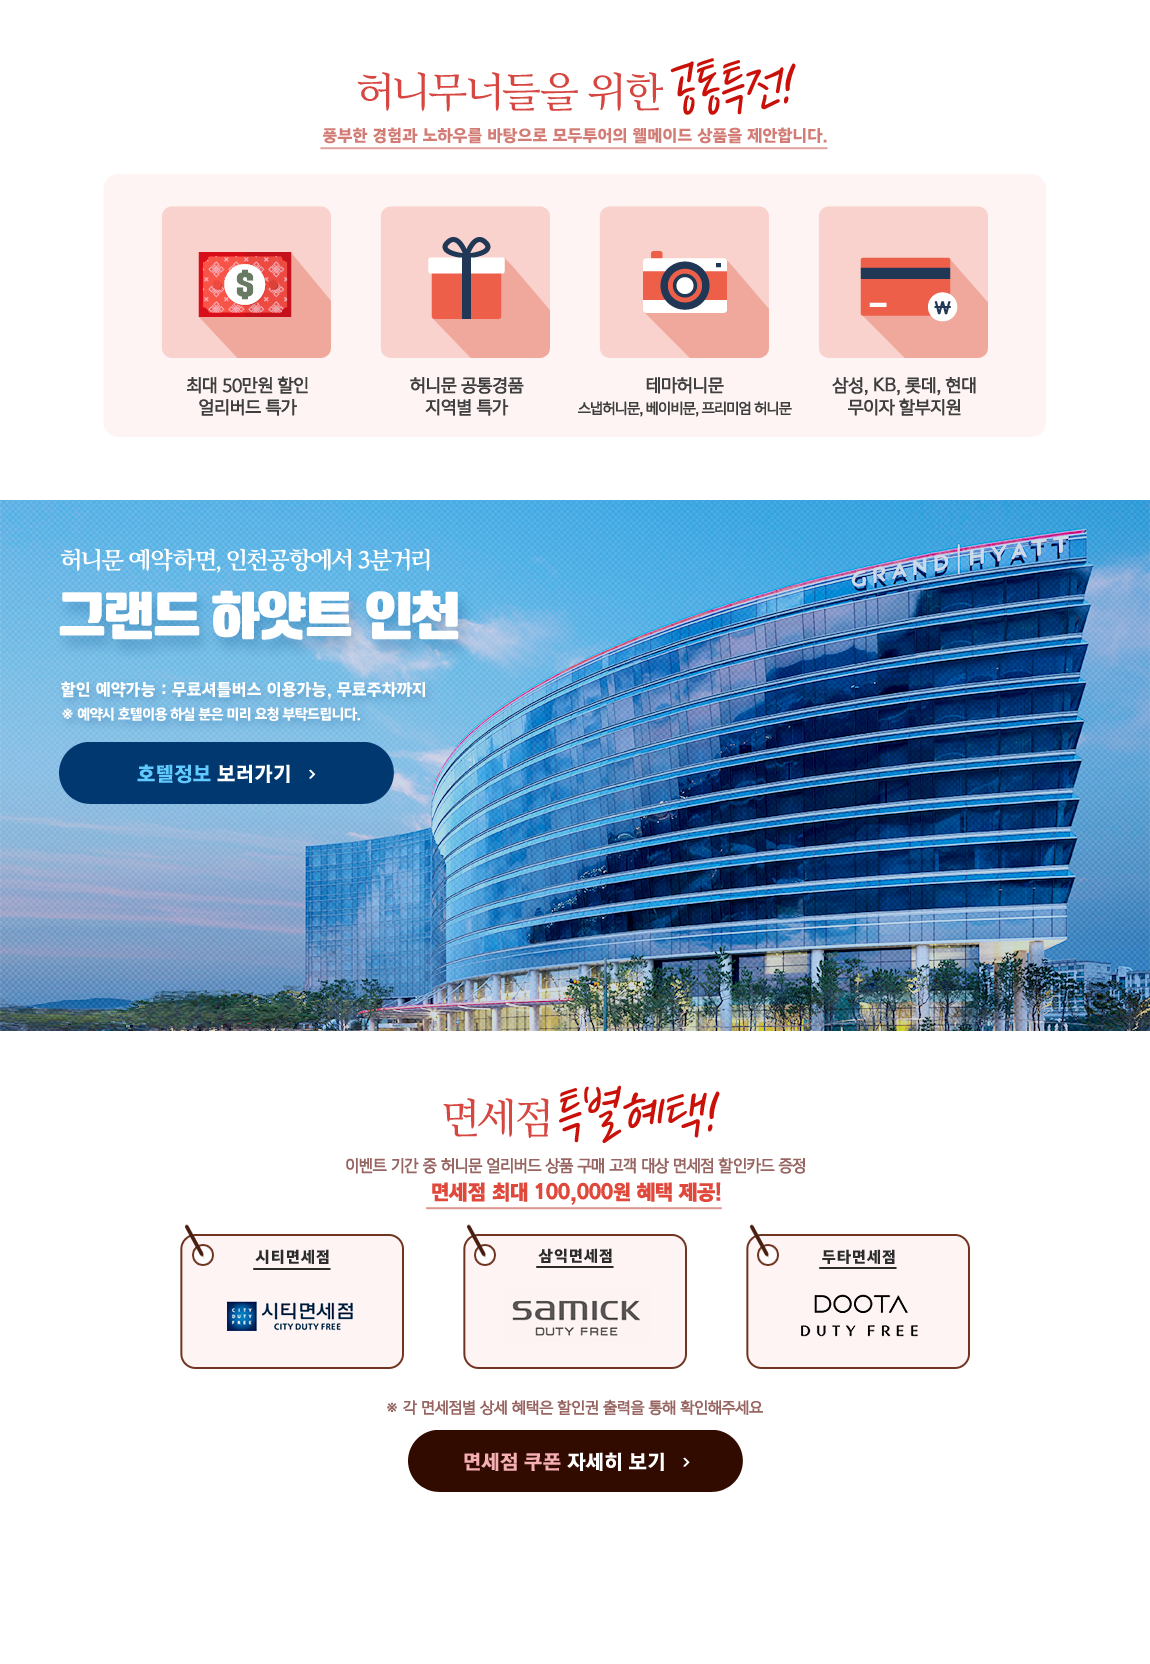 FW허니문얼러버드 공통특전/그랜드 호텔 인천면세점 쿠폰 자세히보기